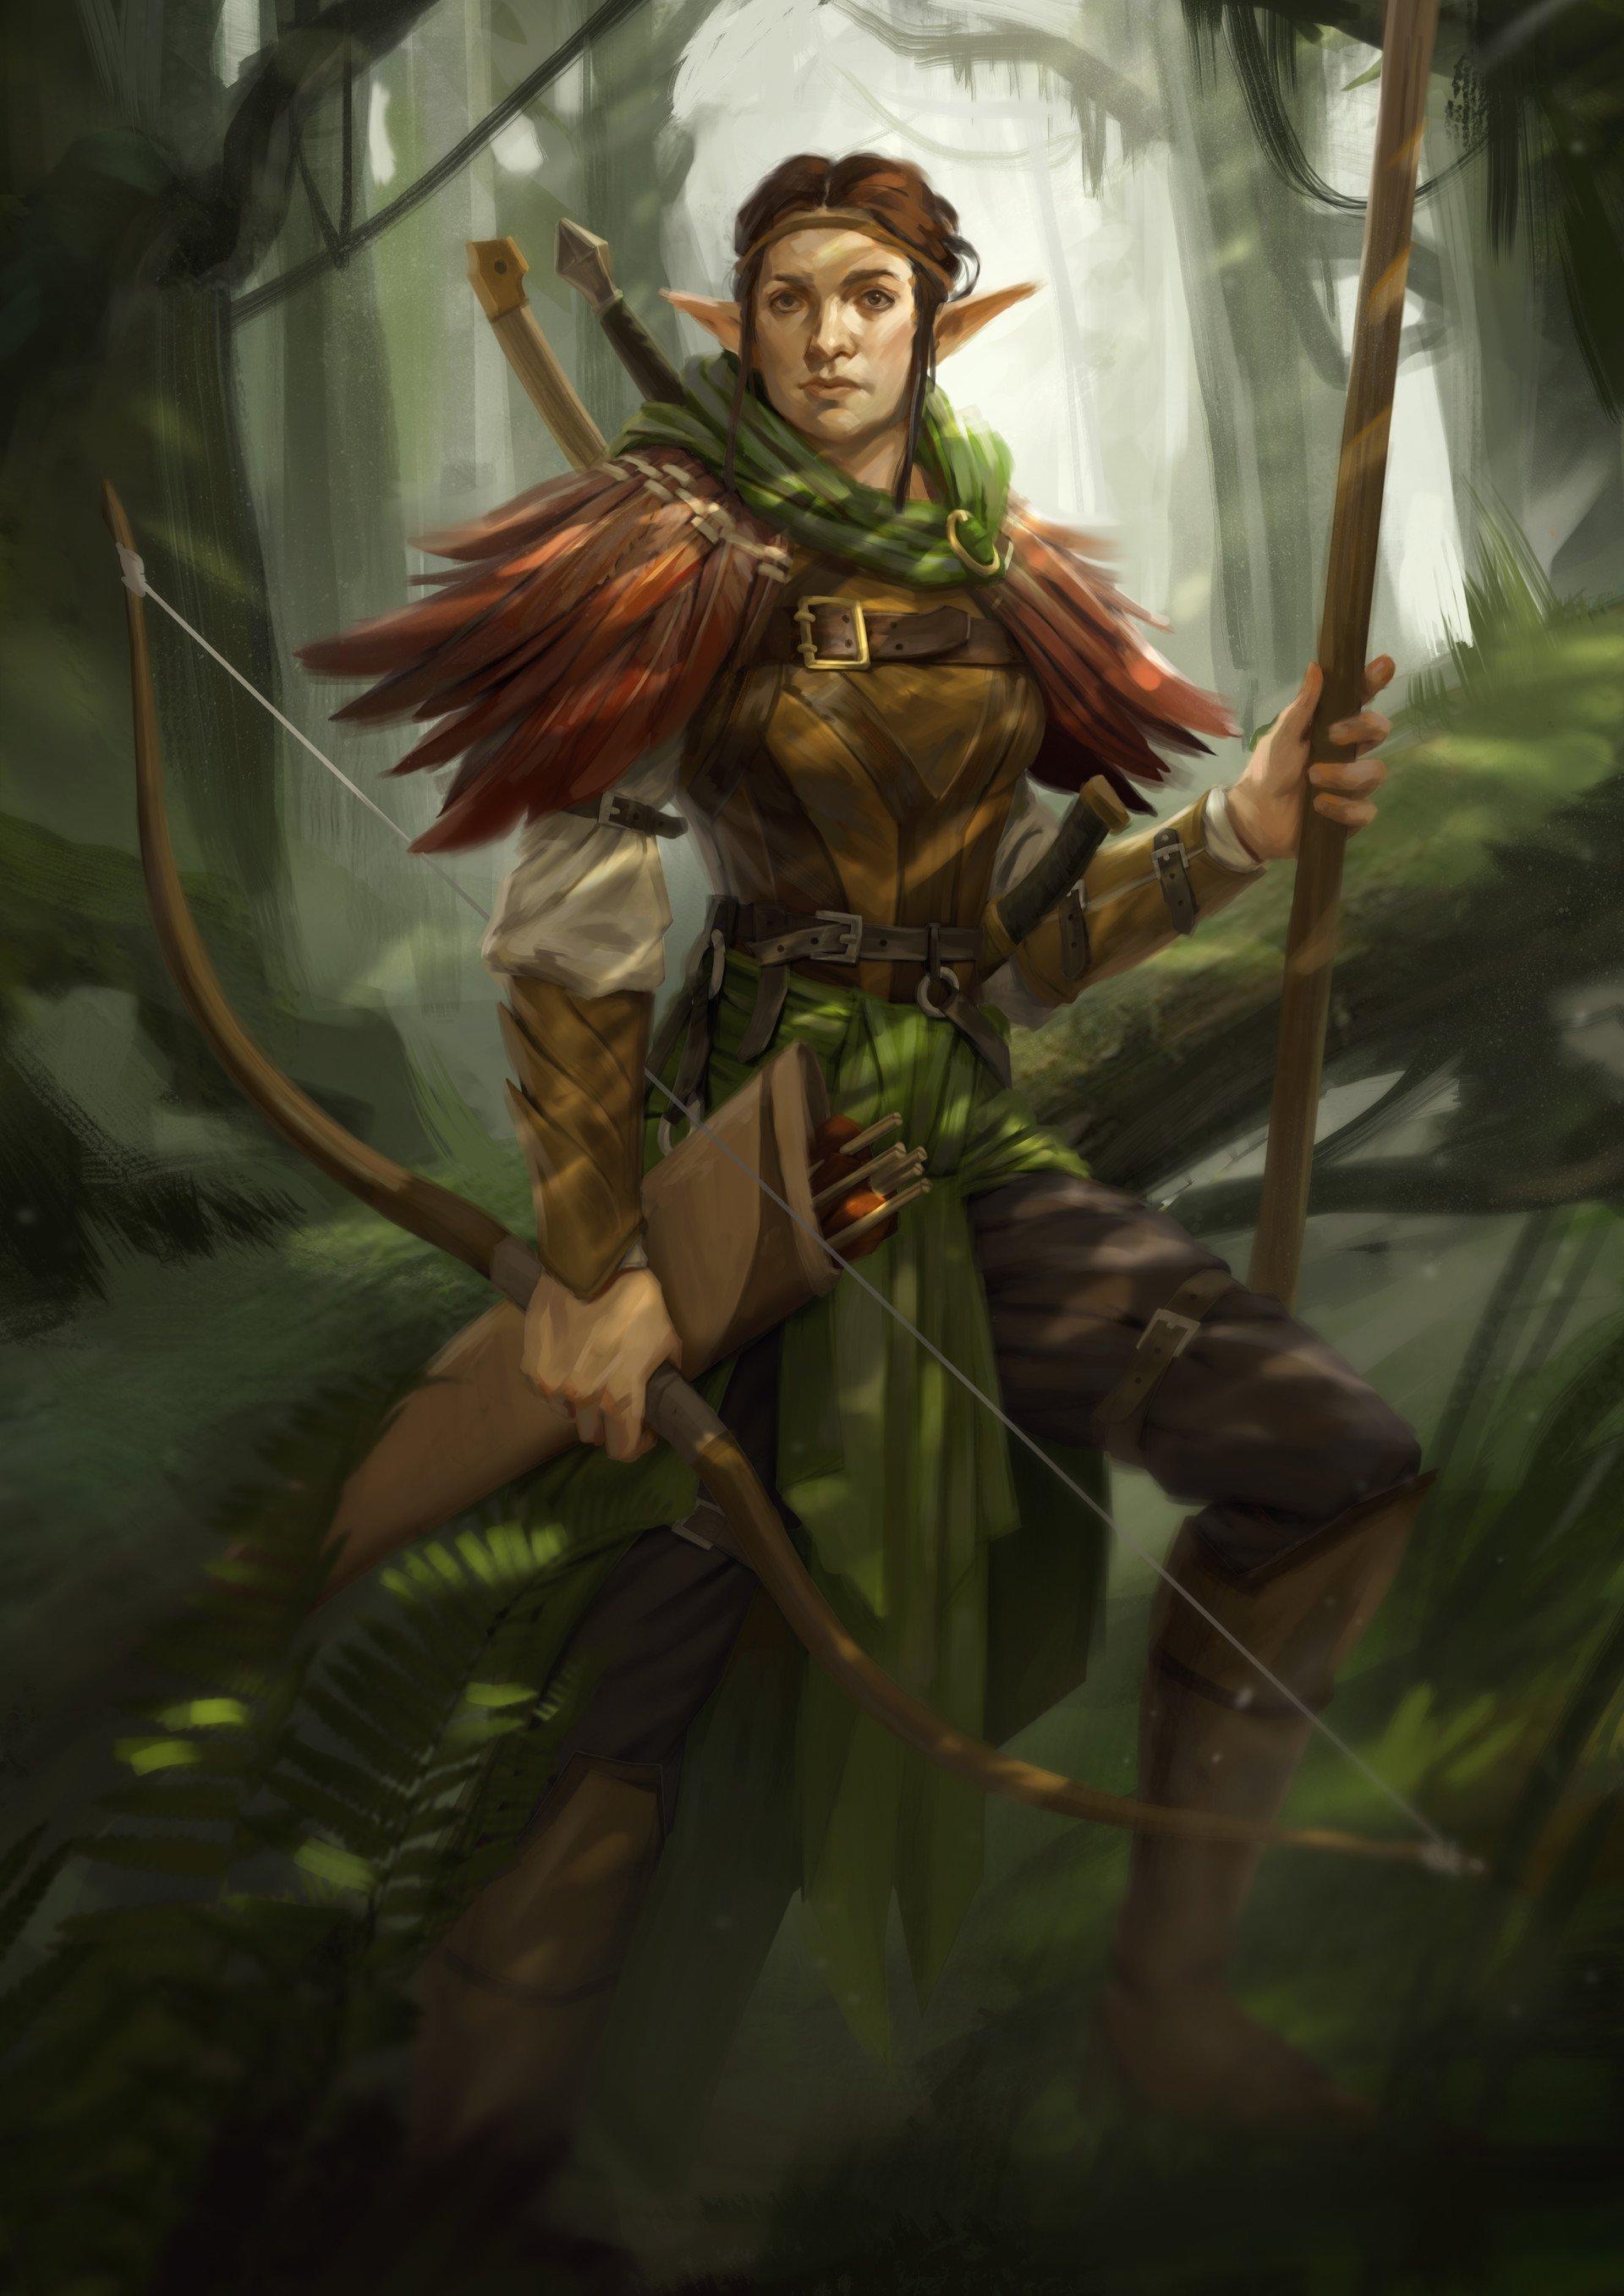 Fantasy Elf Art